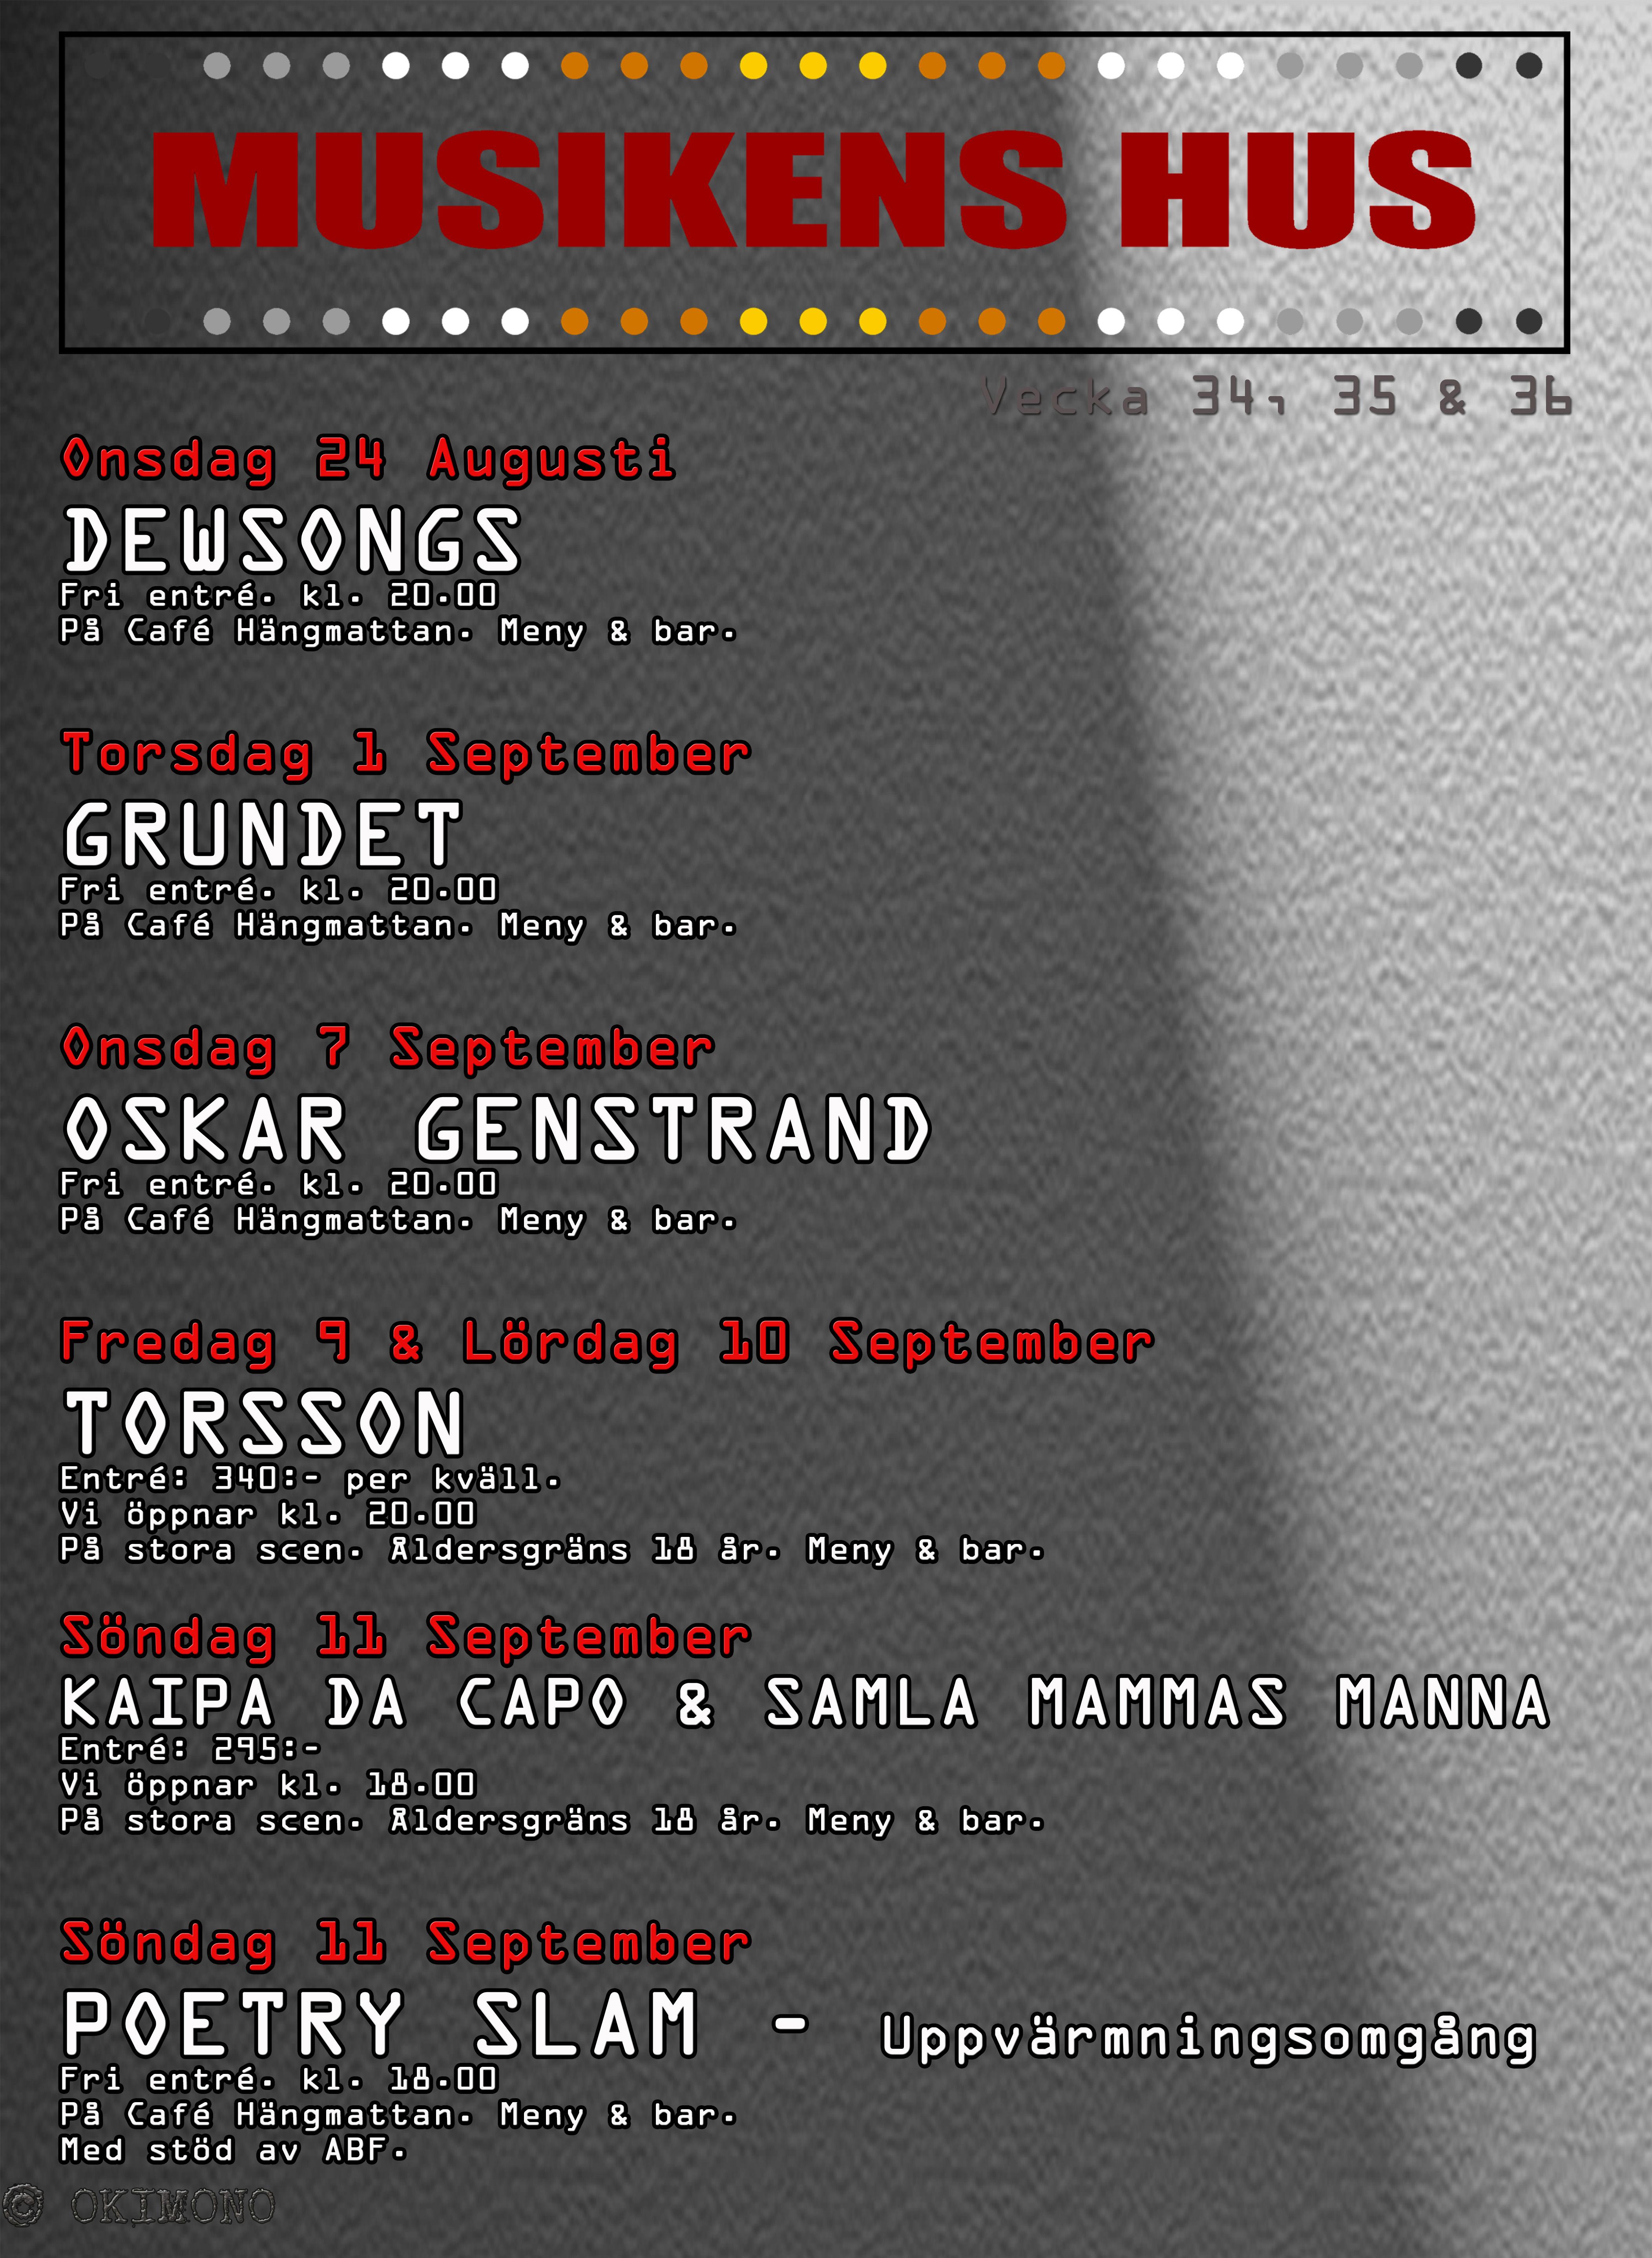 2016 - 34 35 36 Musikens Hus